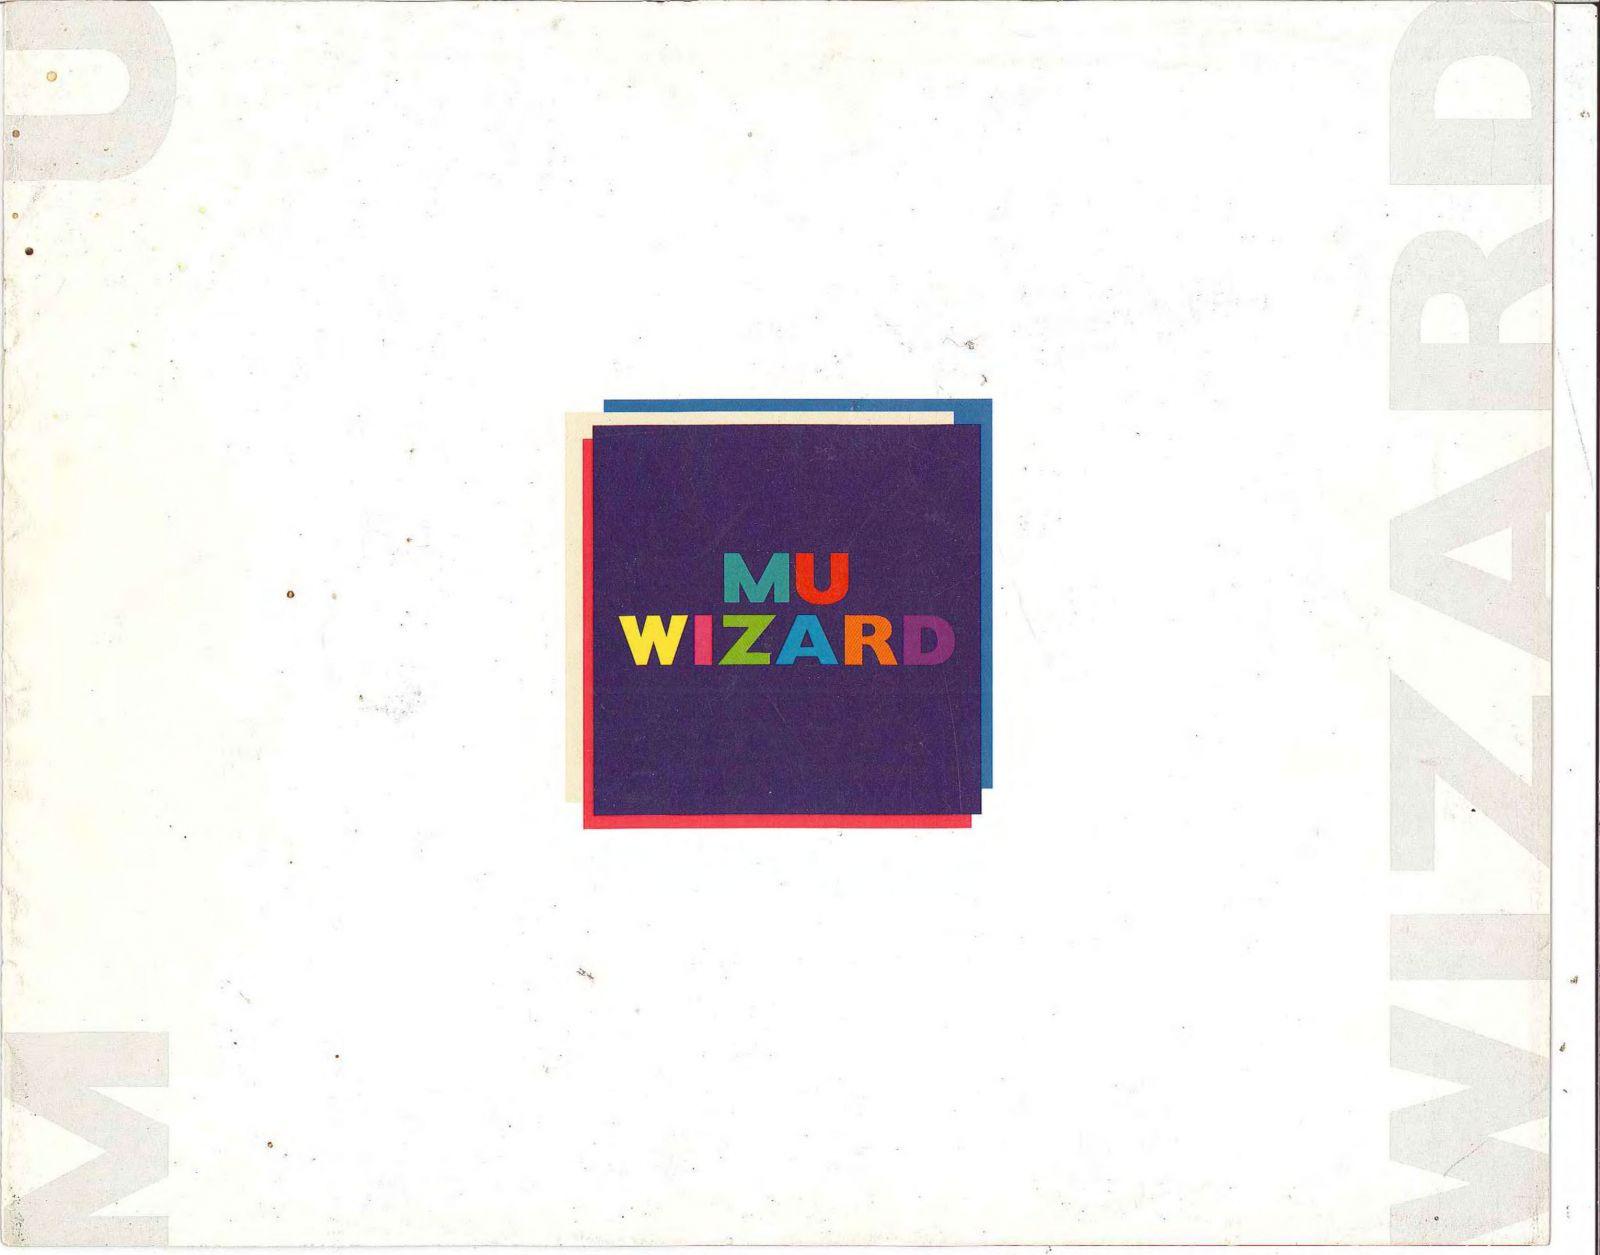 Isuzu MU & MU Wizard, 1995